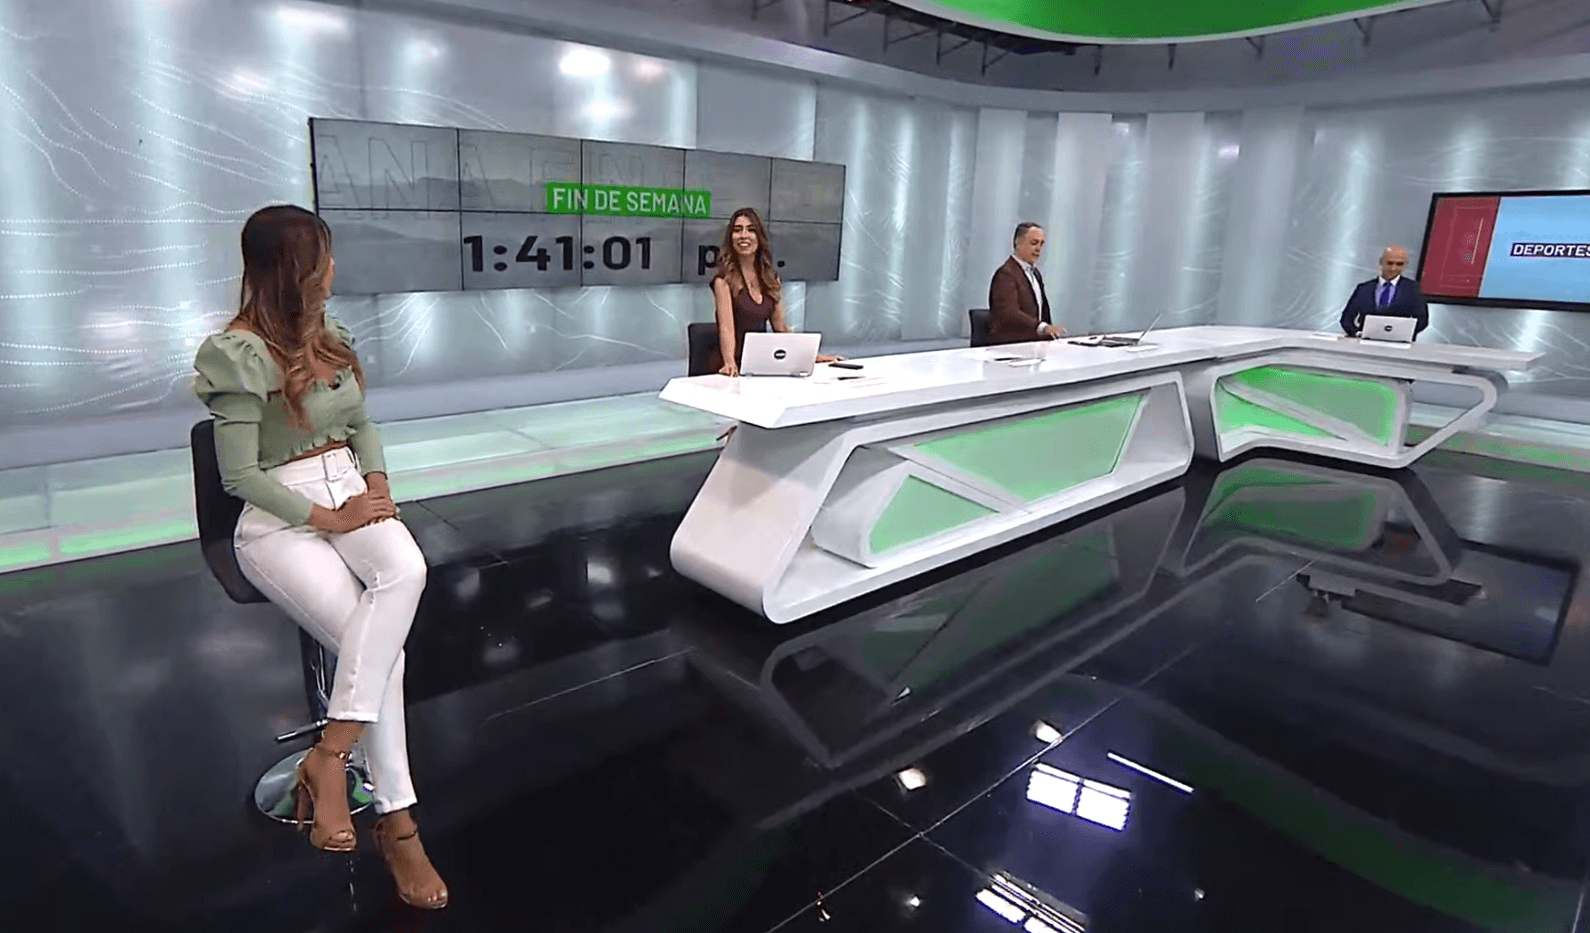 Teleantioquia Noticias – Domingo 06 de junio de 2021 mediodía